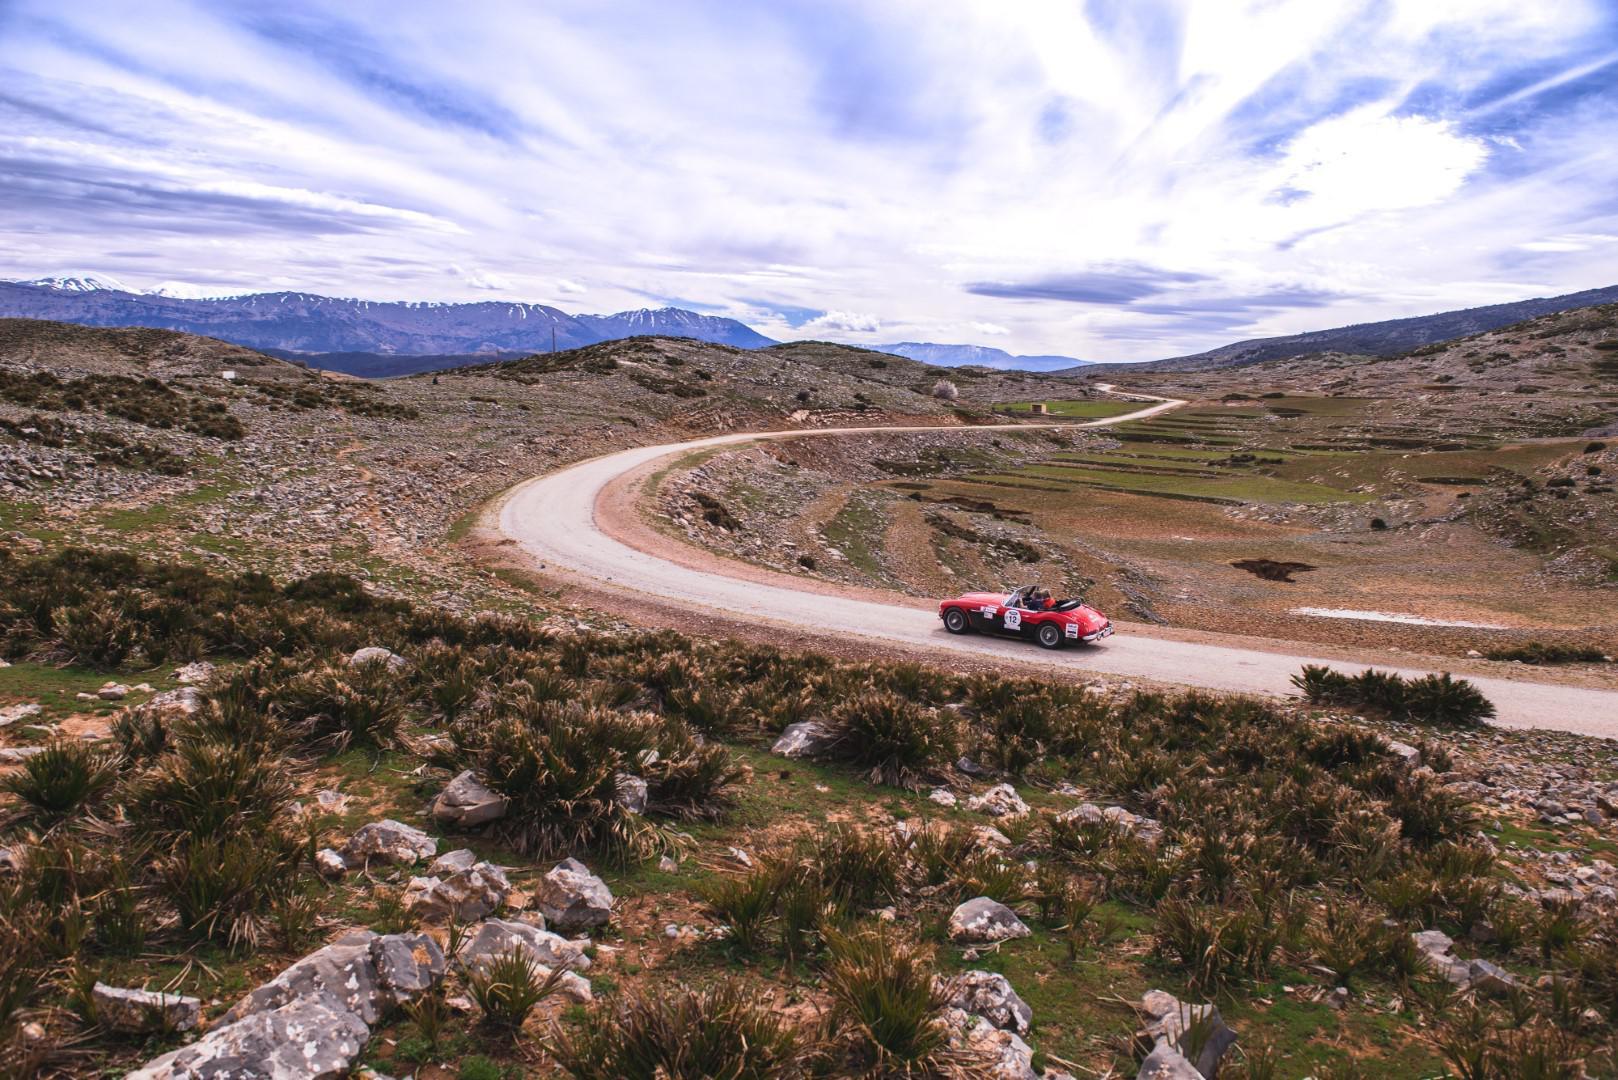 victoire-marocaine-pour-le-25eme-anniversaire-du-rallye-maroc-classic-680-7.jpg